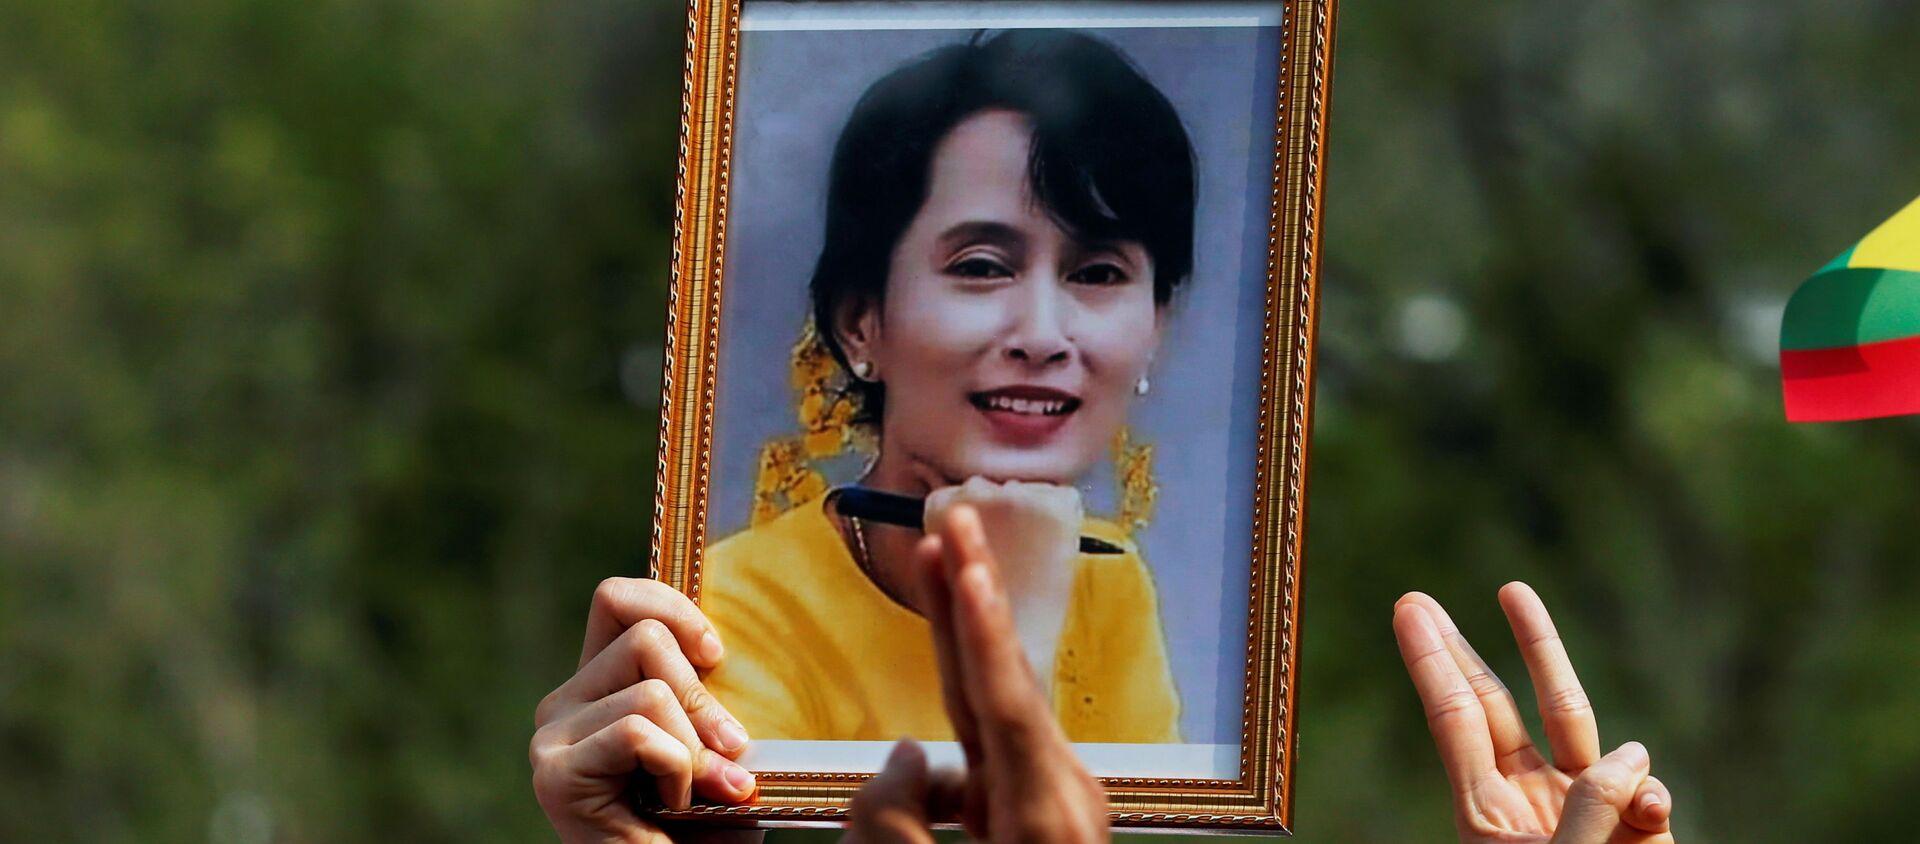 Người biểu tình với bức chân dung của Cố vấn Nhà nước Myanmar Aung San Suu Kyi ở Bangkok, Thái Lan. - Sputnik Việt Nam, 1920, 11.03.2021